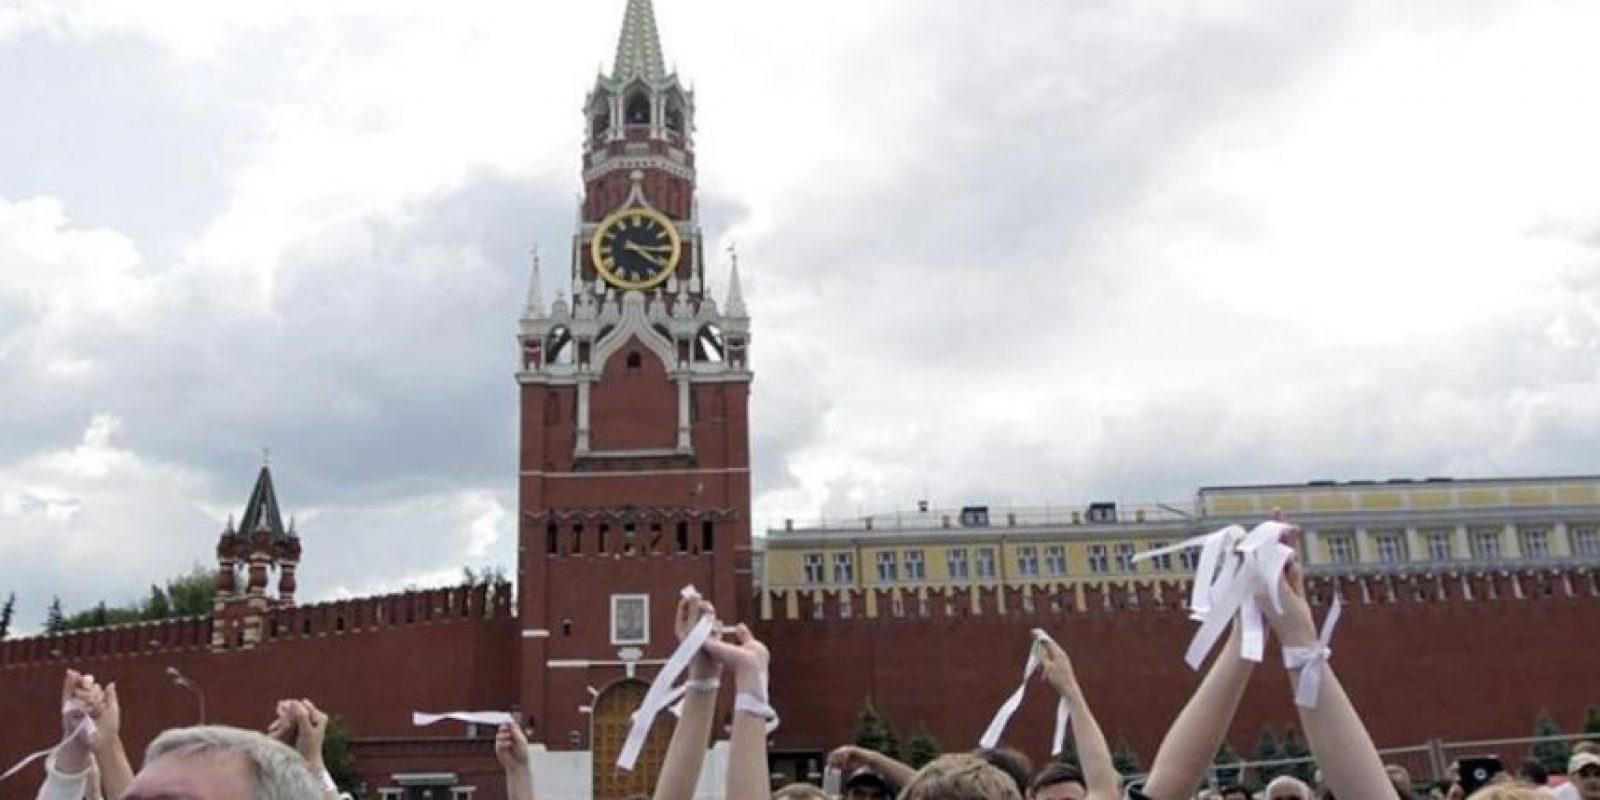 Manifestantes con cintas blancas, símbolo de las protestas de la oposición, durante una movilziación cotnra el presidente ruso Vladímir Putin, celebrada hoy, domingo, 27 de mayo de 2012, en la Plaza Roja de Moscú (Rusia). EFE